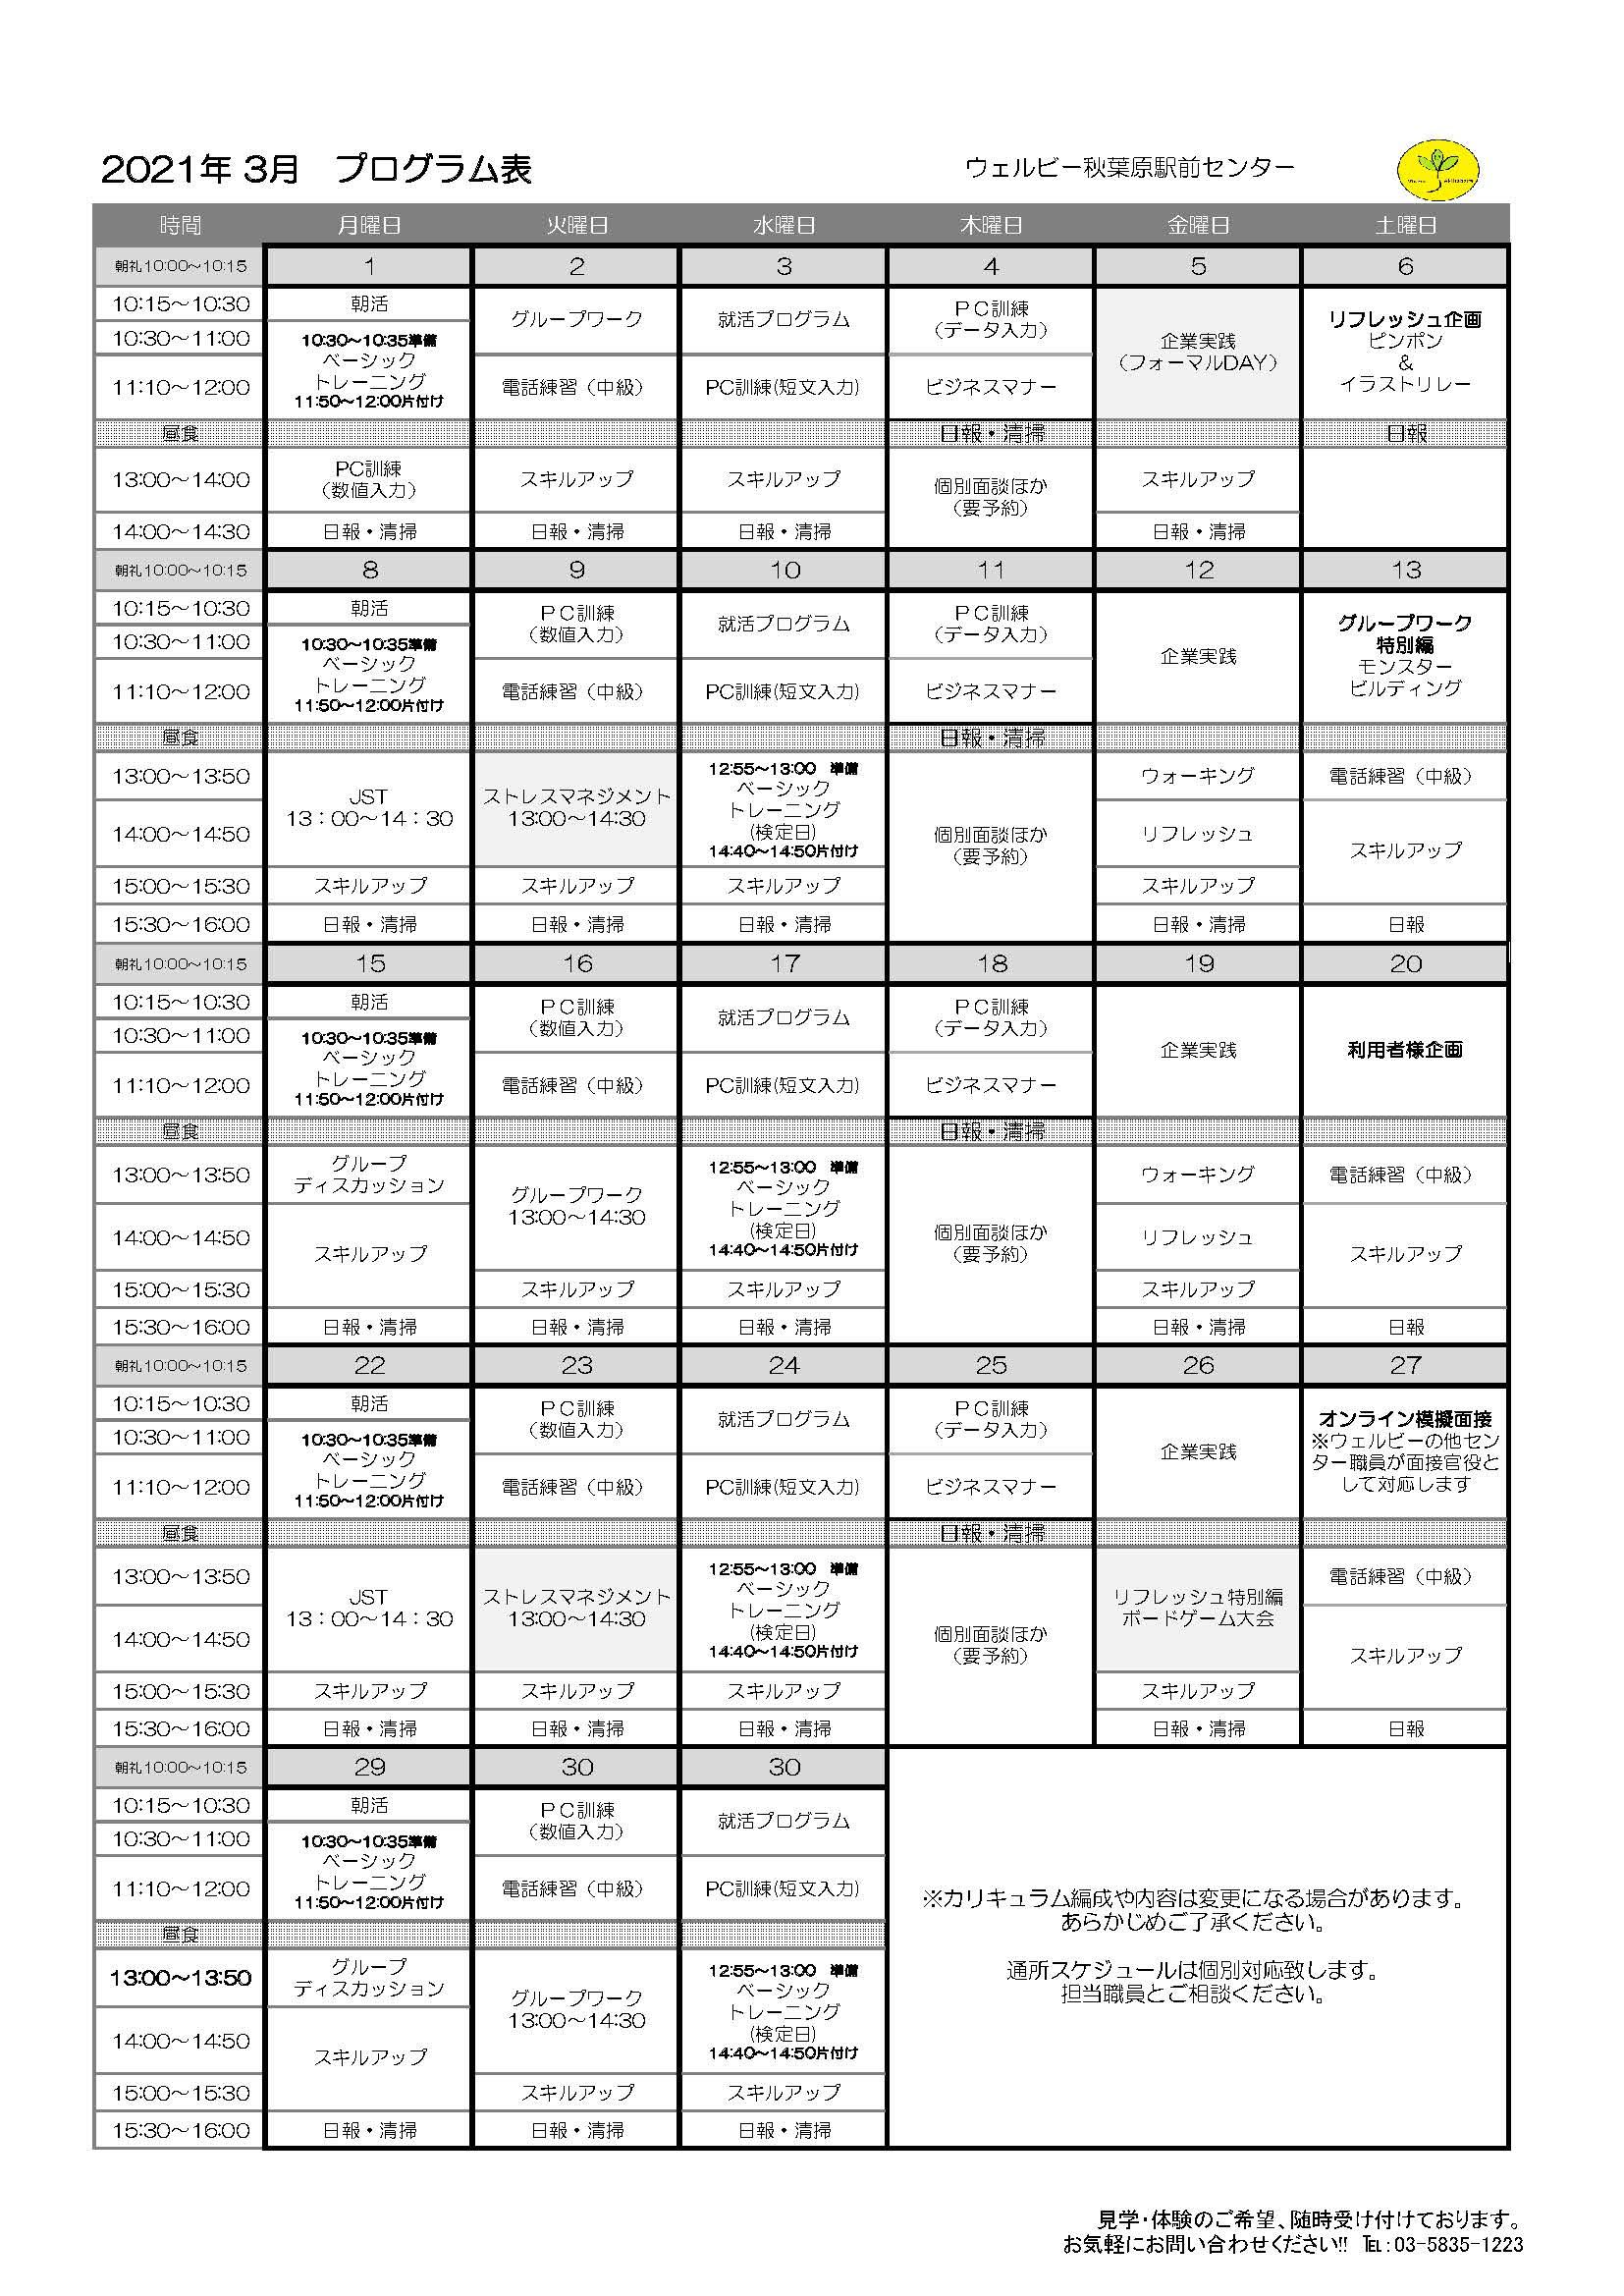 秋葉原駅前センター月間プログラム表